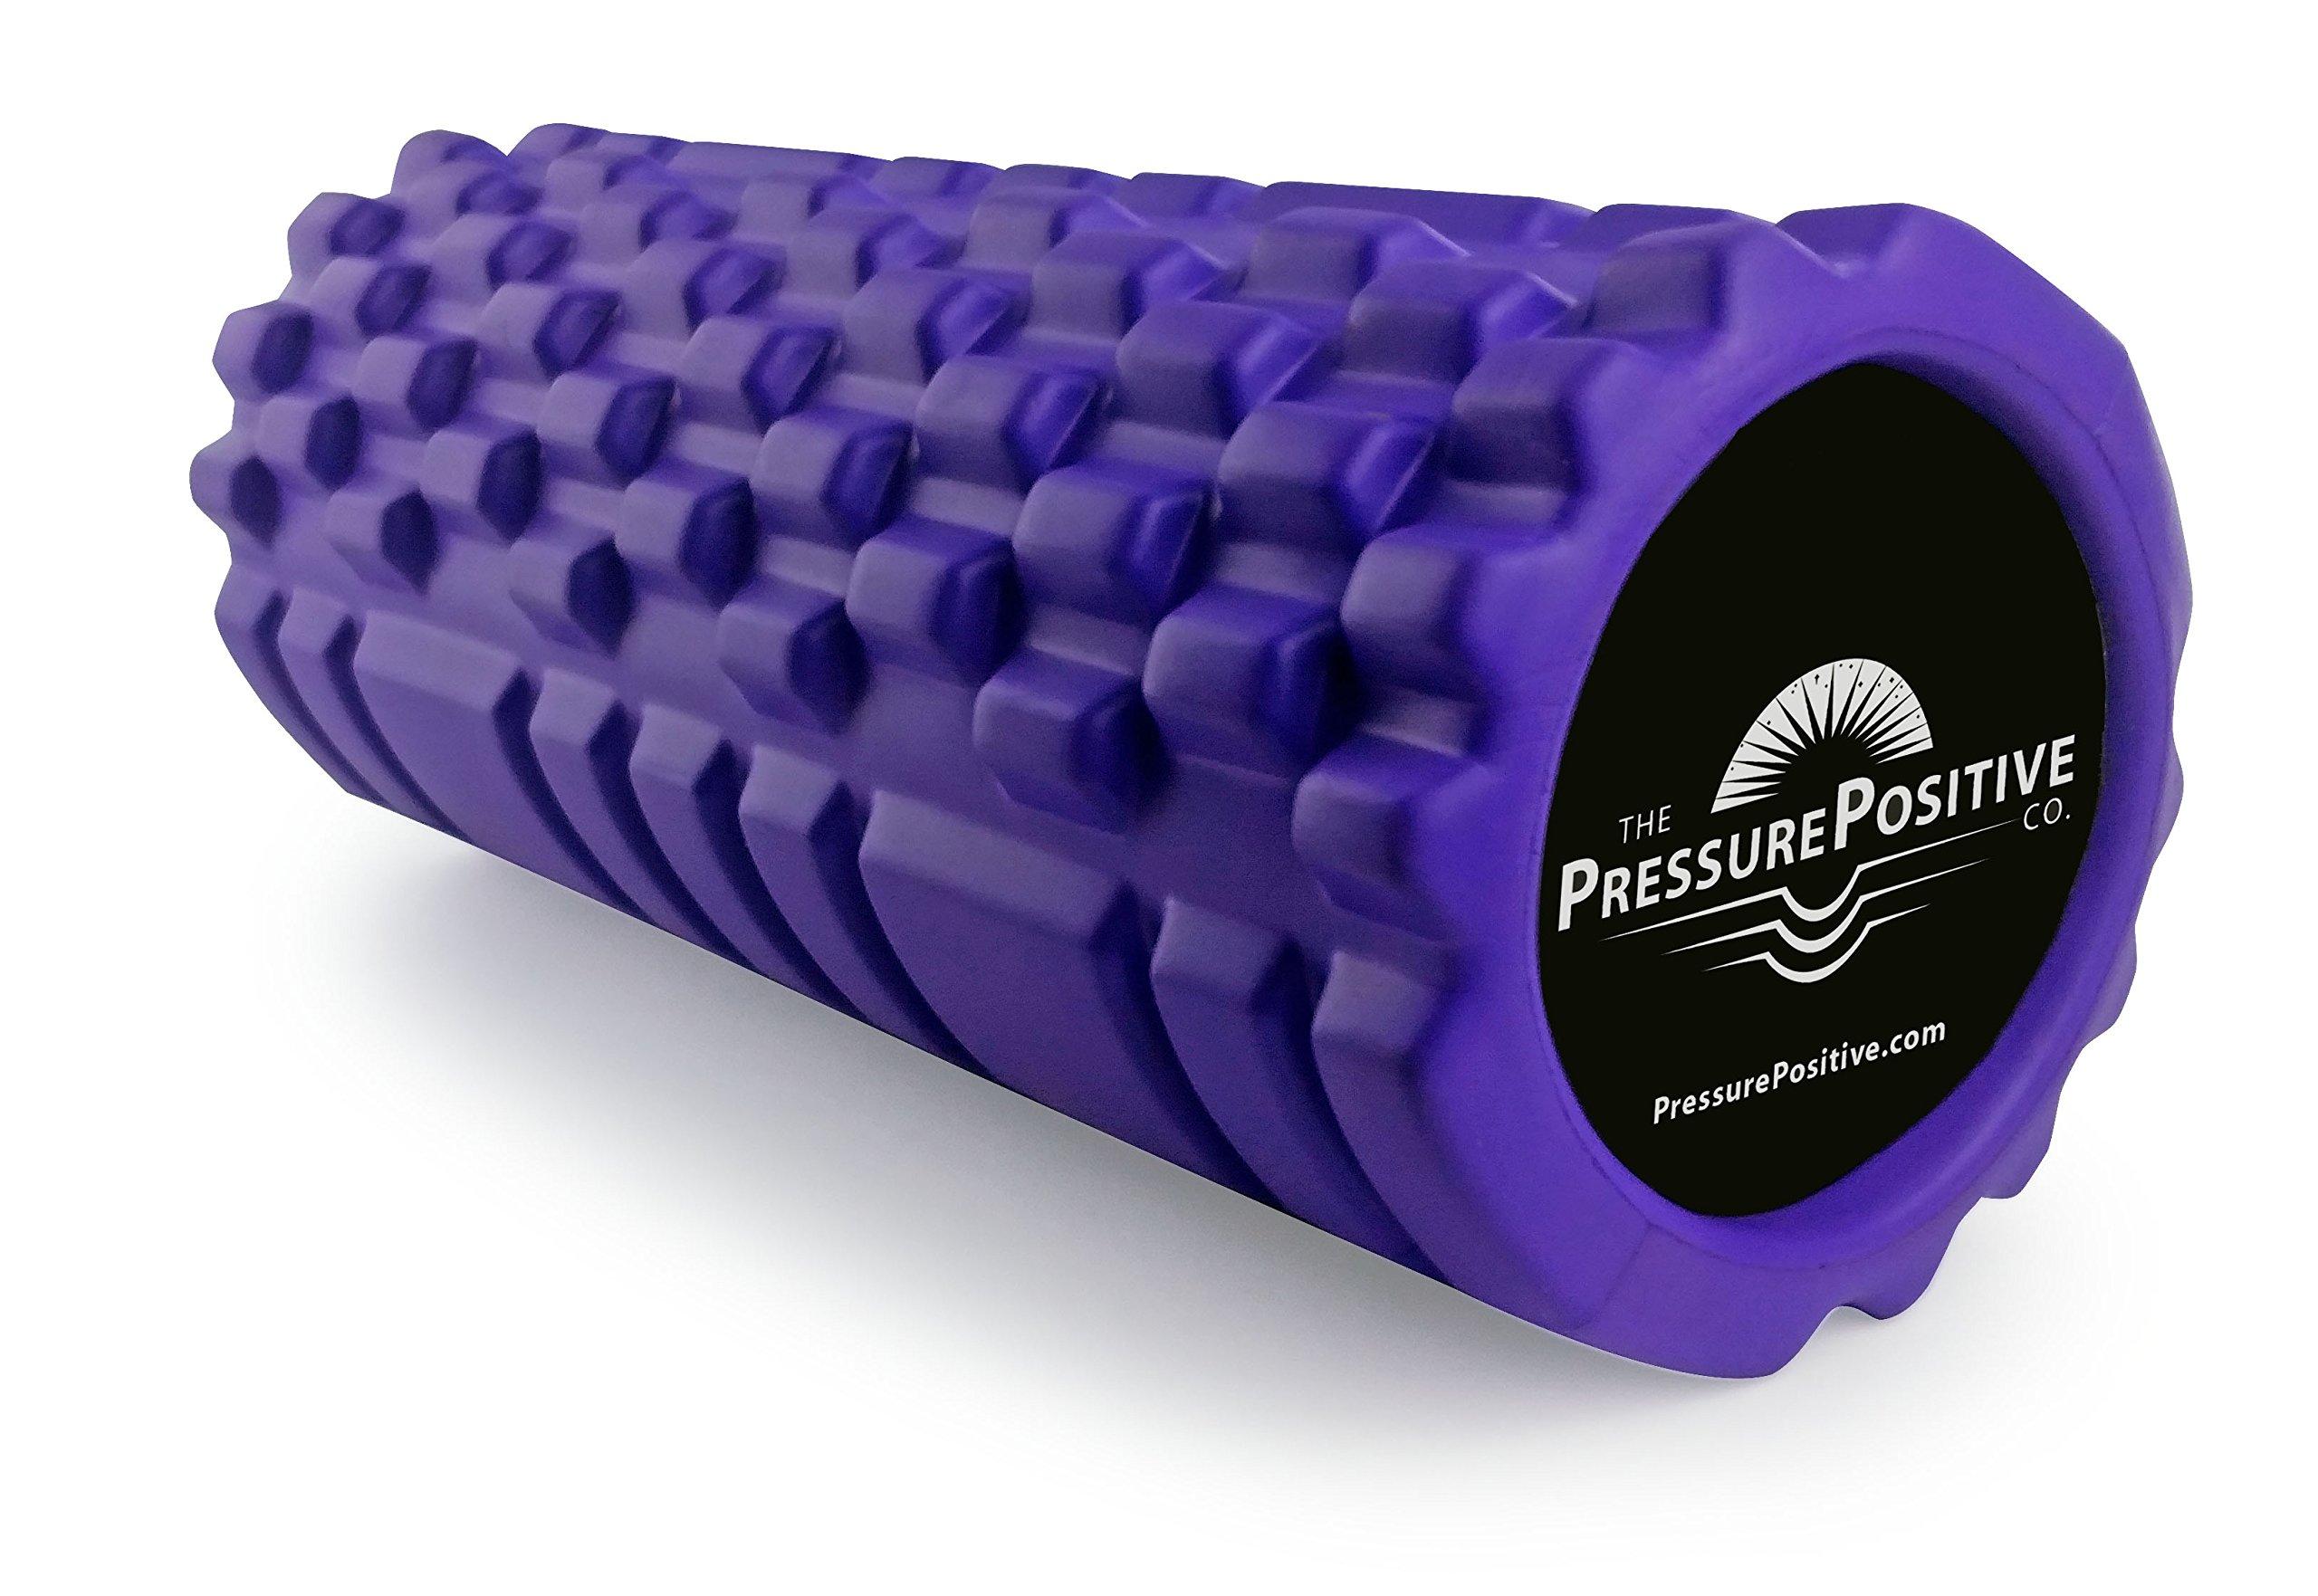 The Pressure Positive Company Solid Core Therapeutic EVA Foam Roller, Purple, 13 x 5.5''